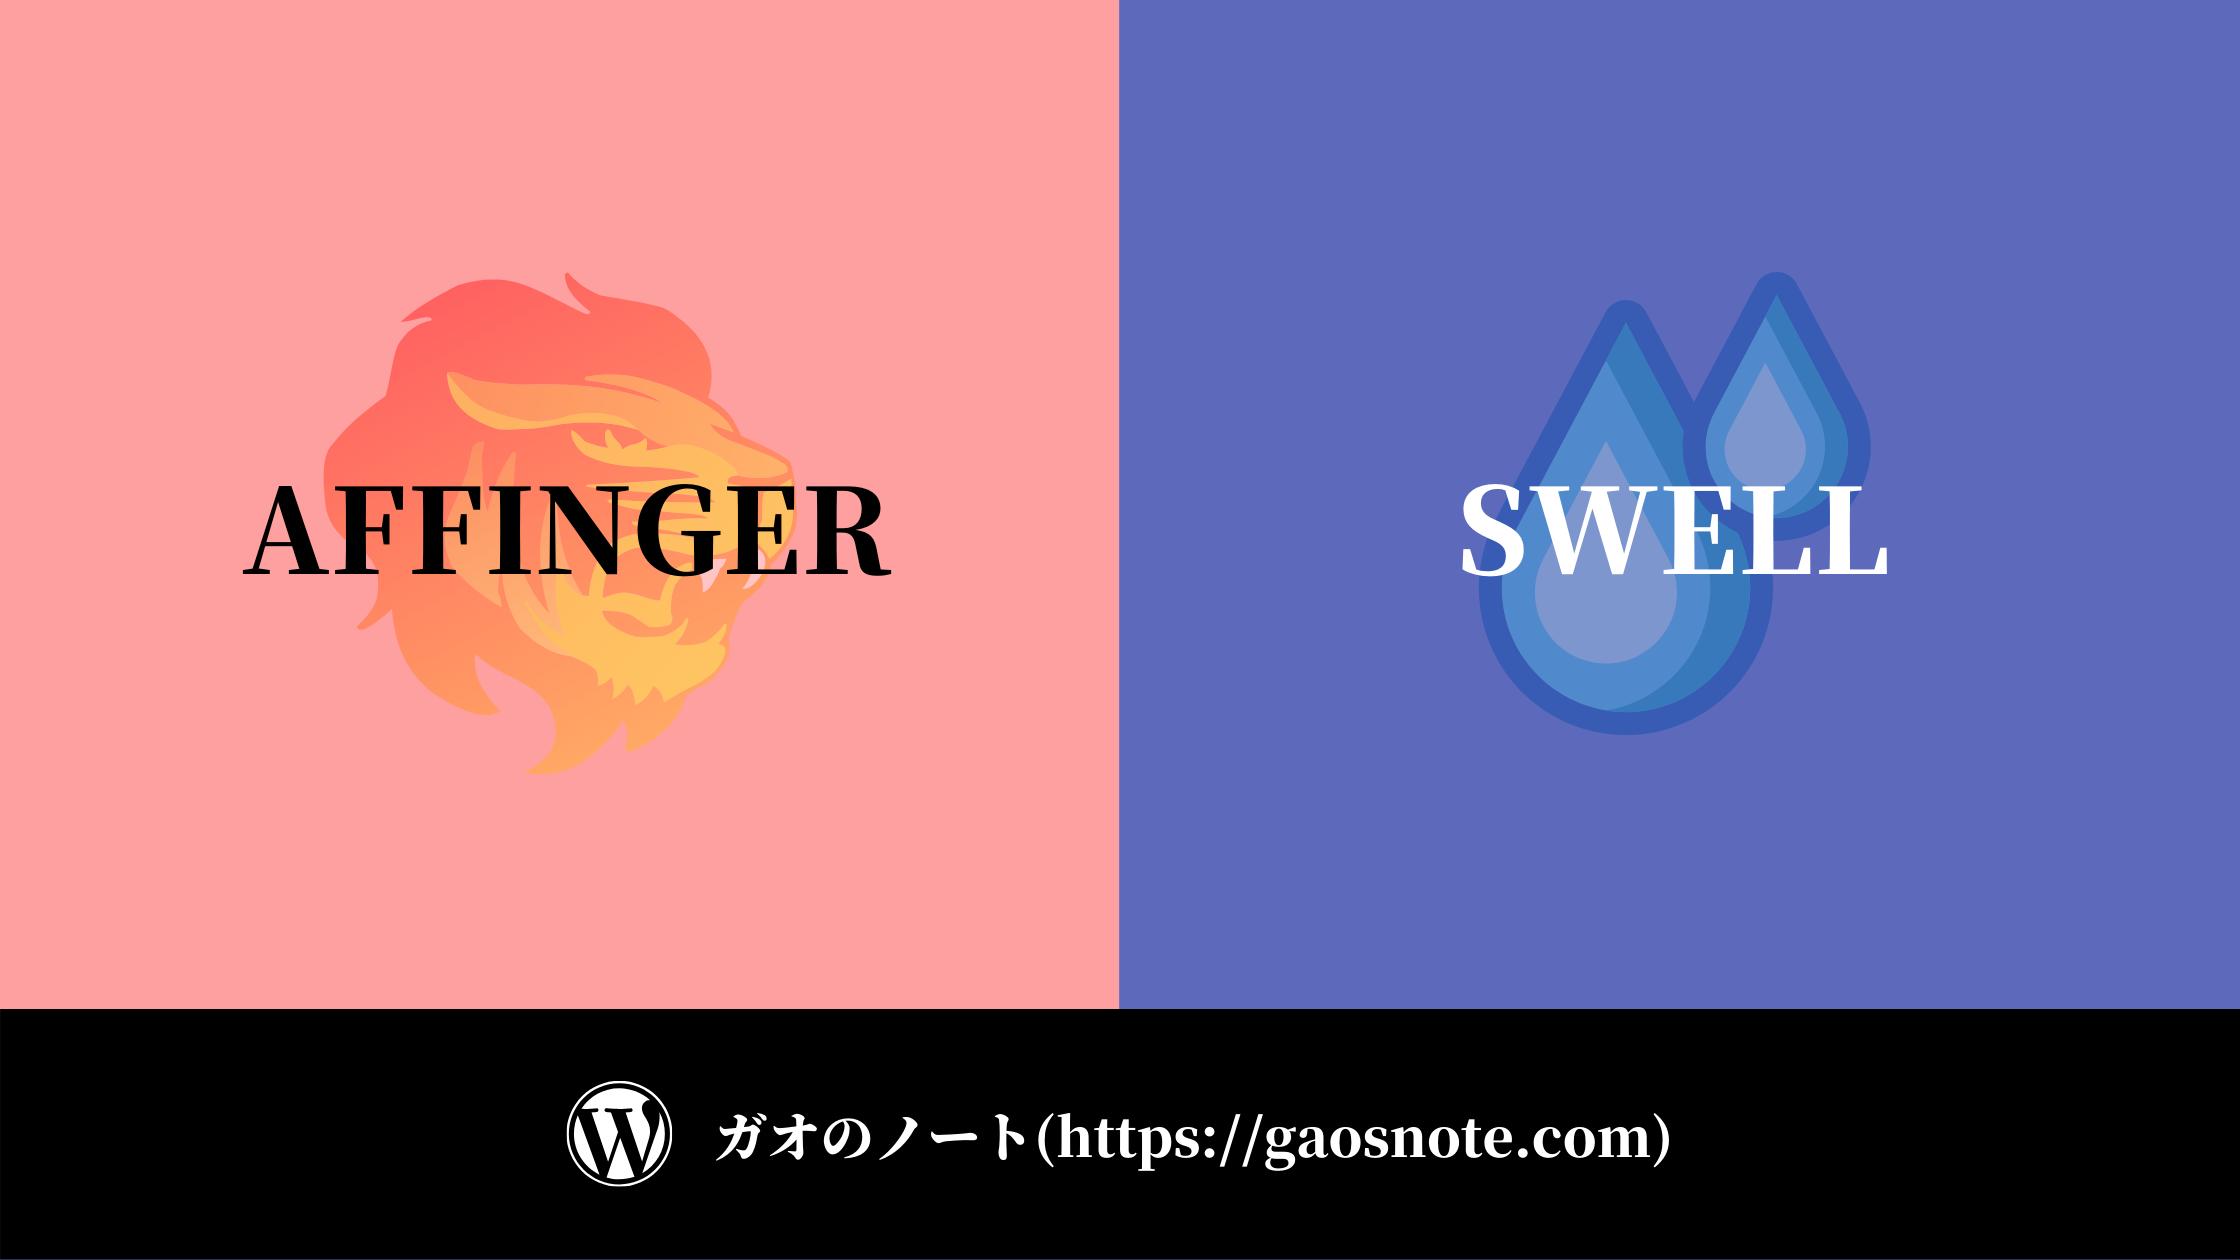 AFFINGER(アフィンガー)とSWELLを11項目で比較【違いは〇〇】